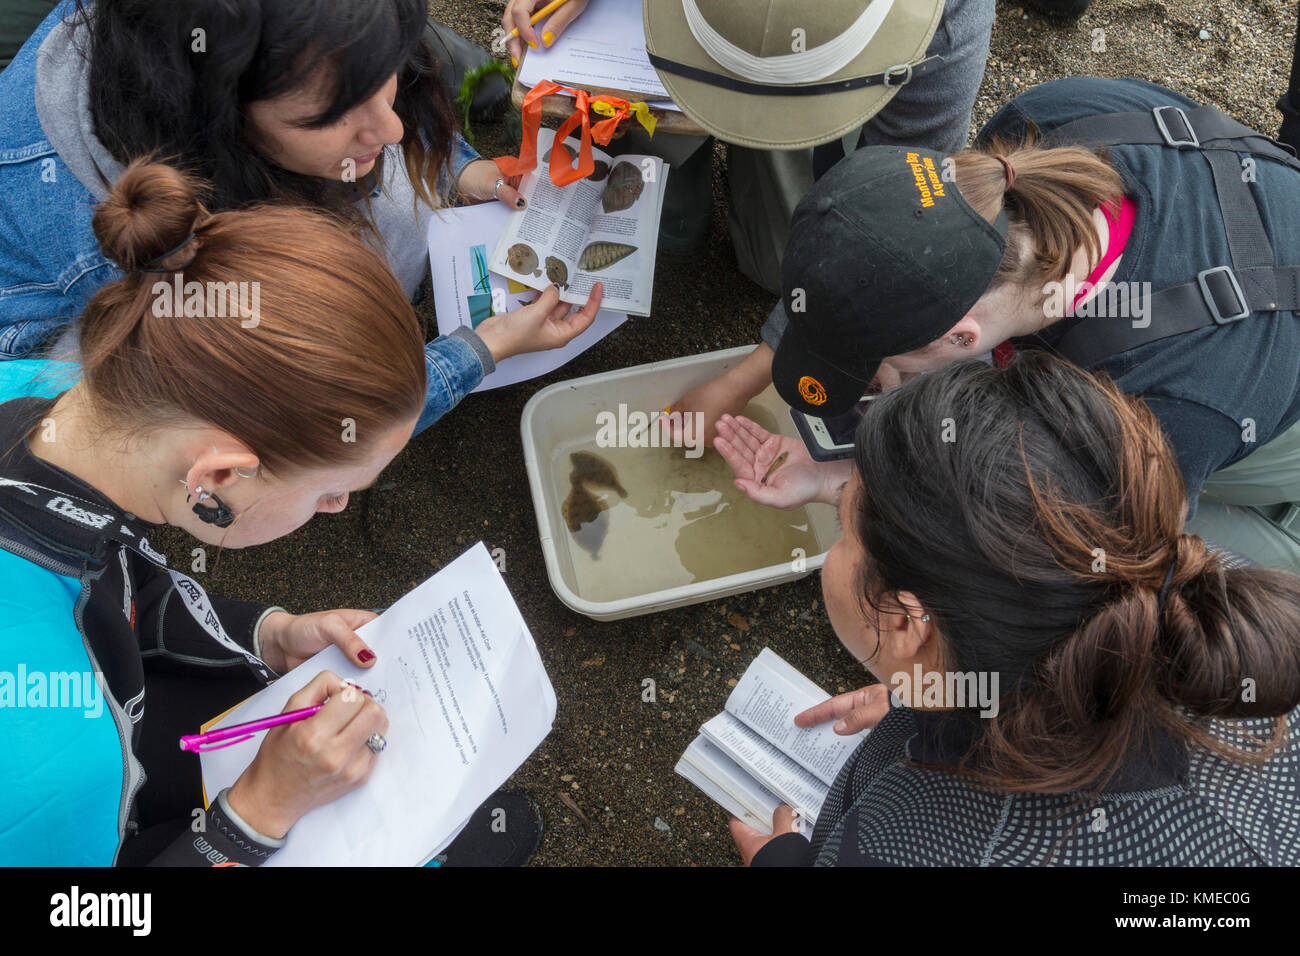 Le zone umide ecologia classe,san francisco state university,tiberon,ca.gli studenti hanno usato una sciabica per Immagini Stock